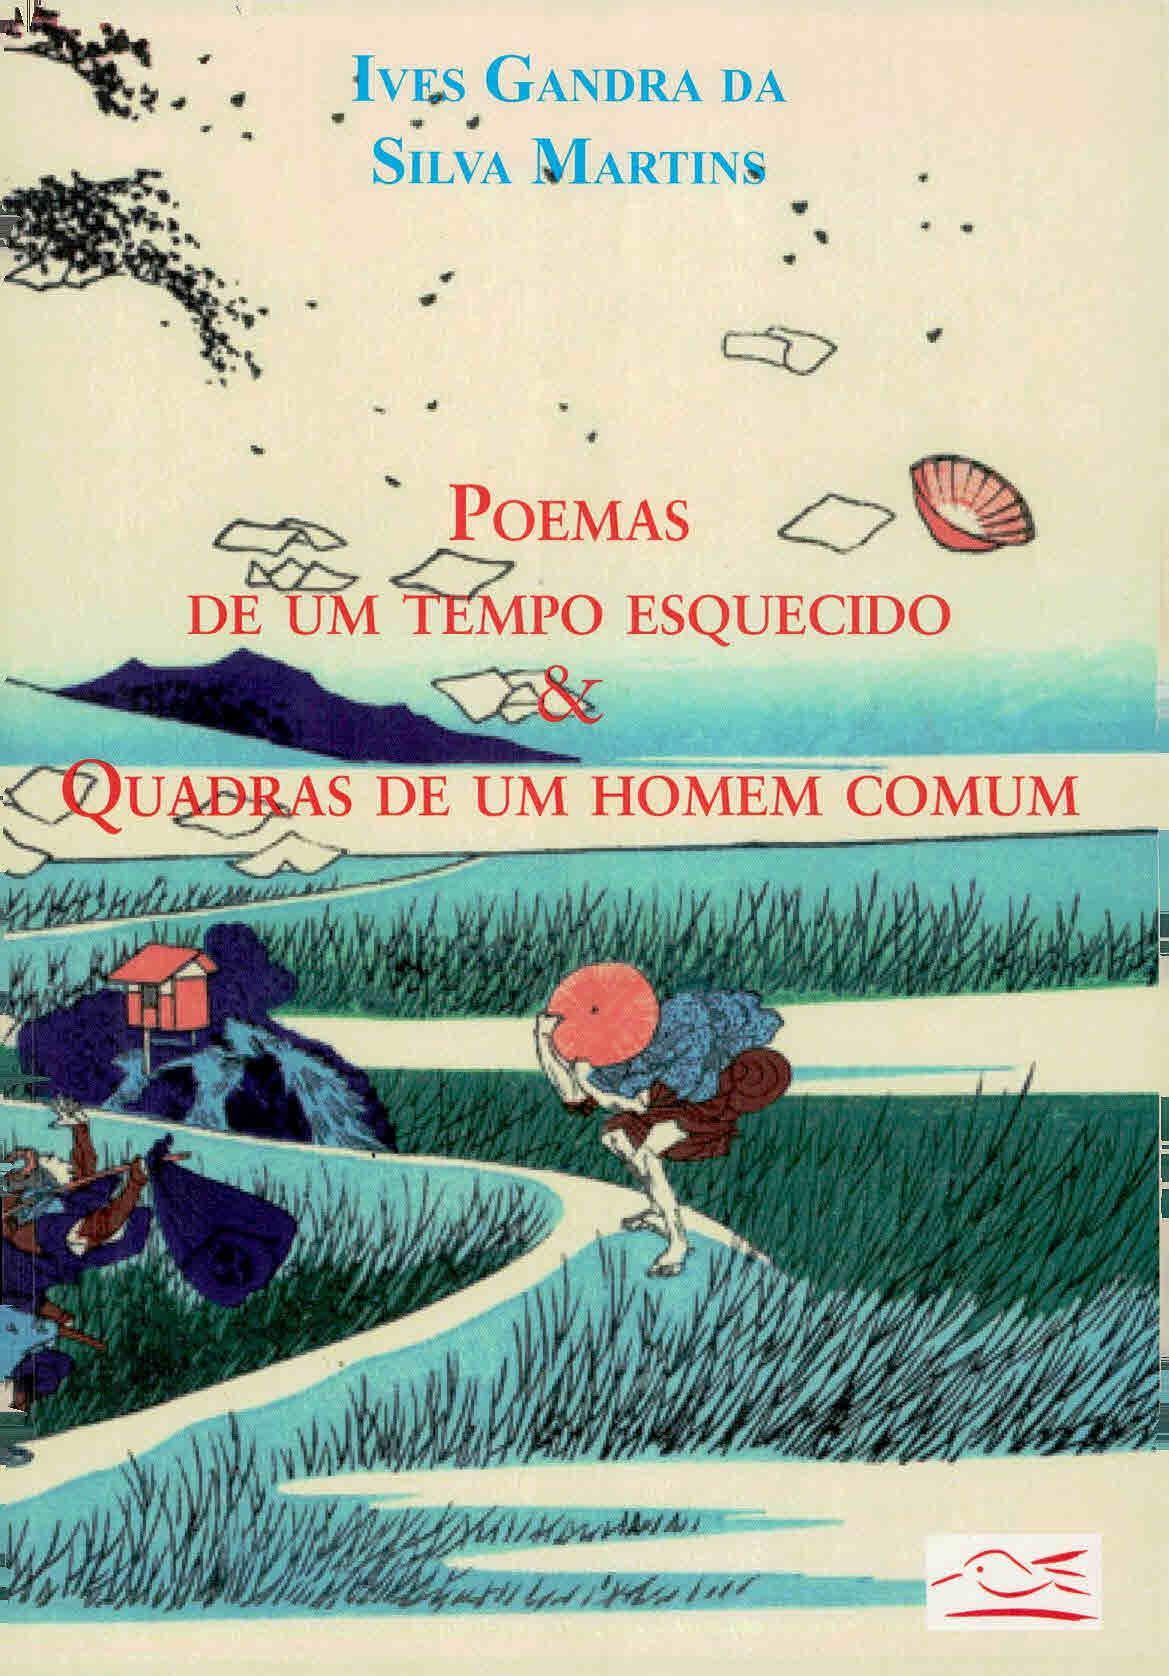 Poemas de um tempo esquecido & Quadras de um homem comum